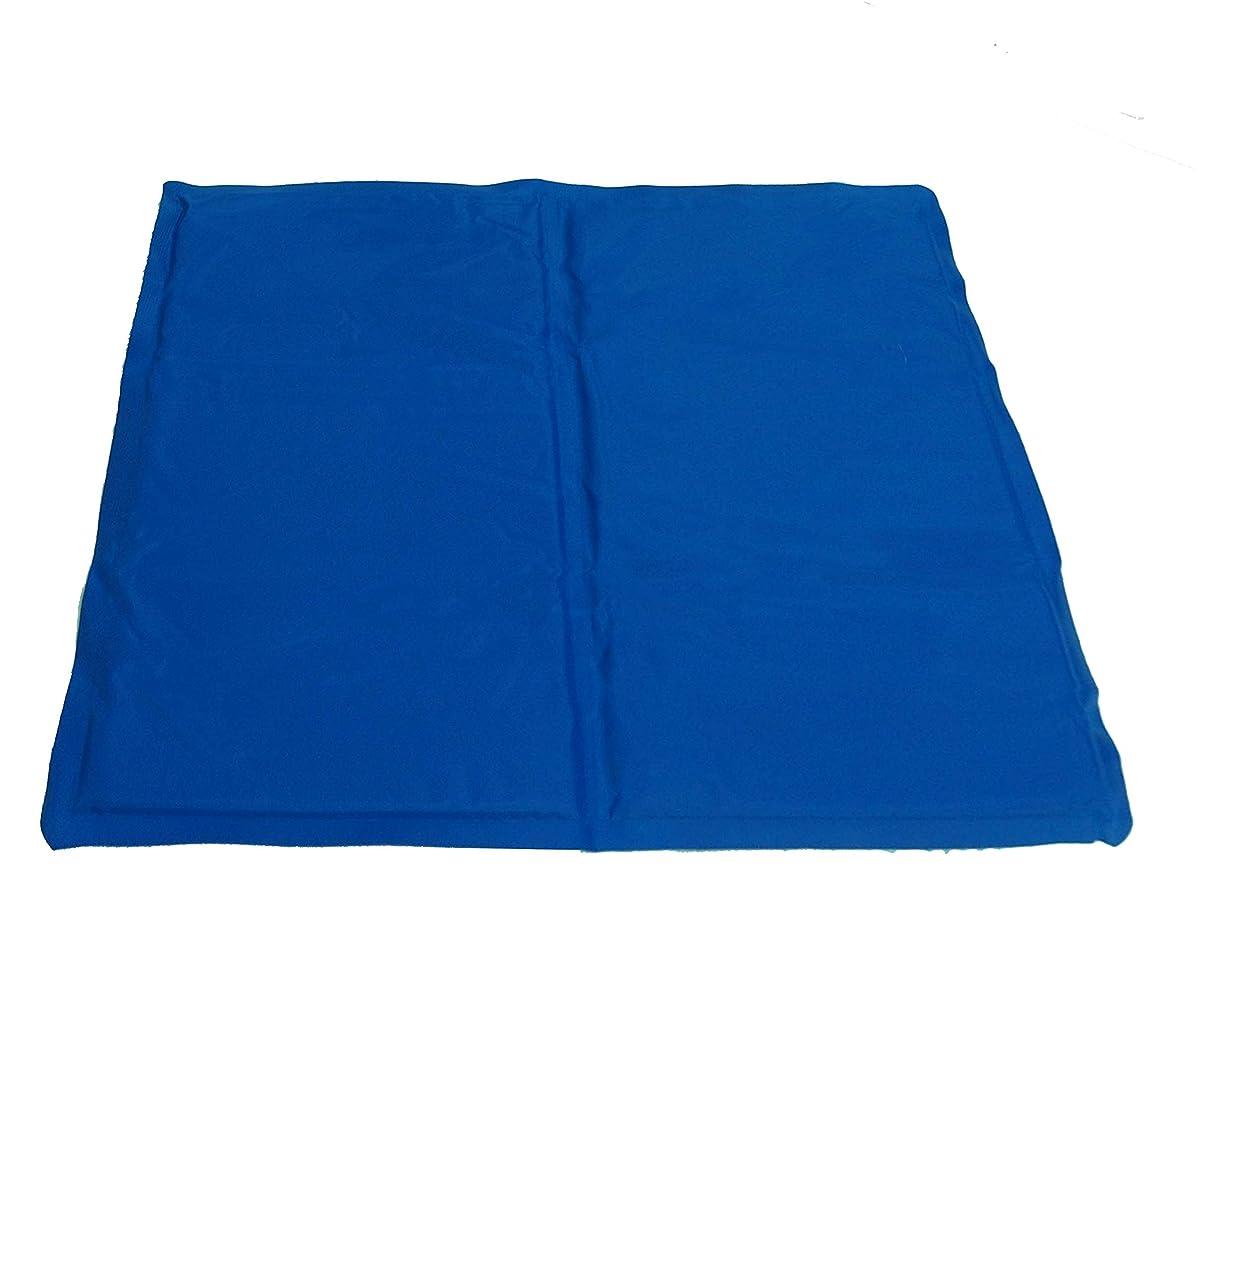 ターゲット民間人地域Bliss Fellows ペット用冷却シートMサイズ( ブルー) 暑さに弱いワンちゃんねこちゃんに 熱中症?暑さ対策に ノートパソコンの冷却に 暑い日には椅子の上に 枕の上に Mサイズ